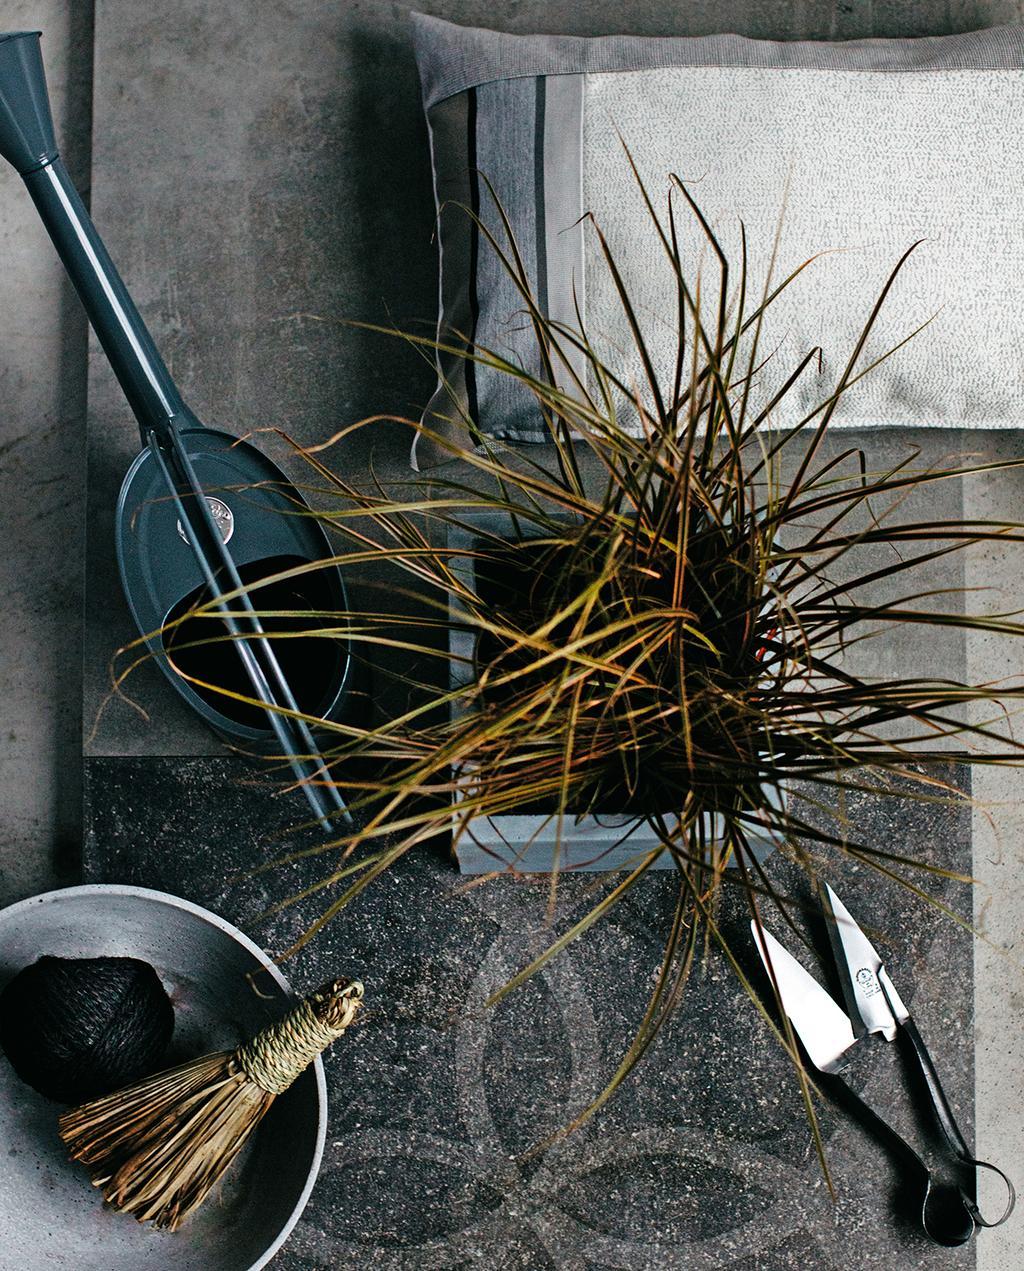 vtwonen tuin special 1 2020 | grijs stenen tegels met motief